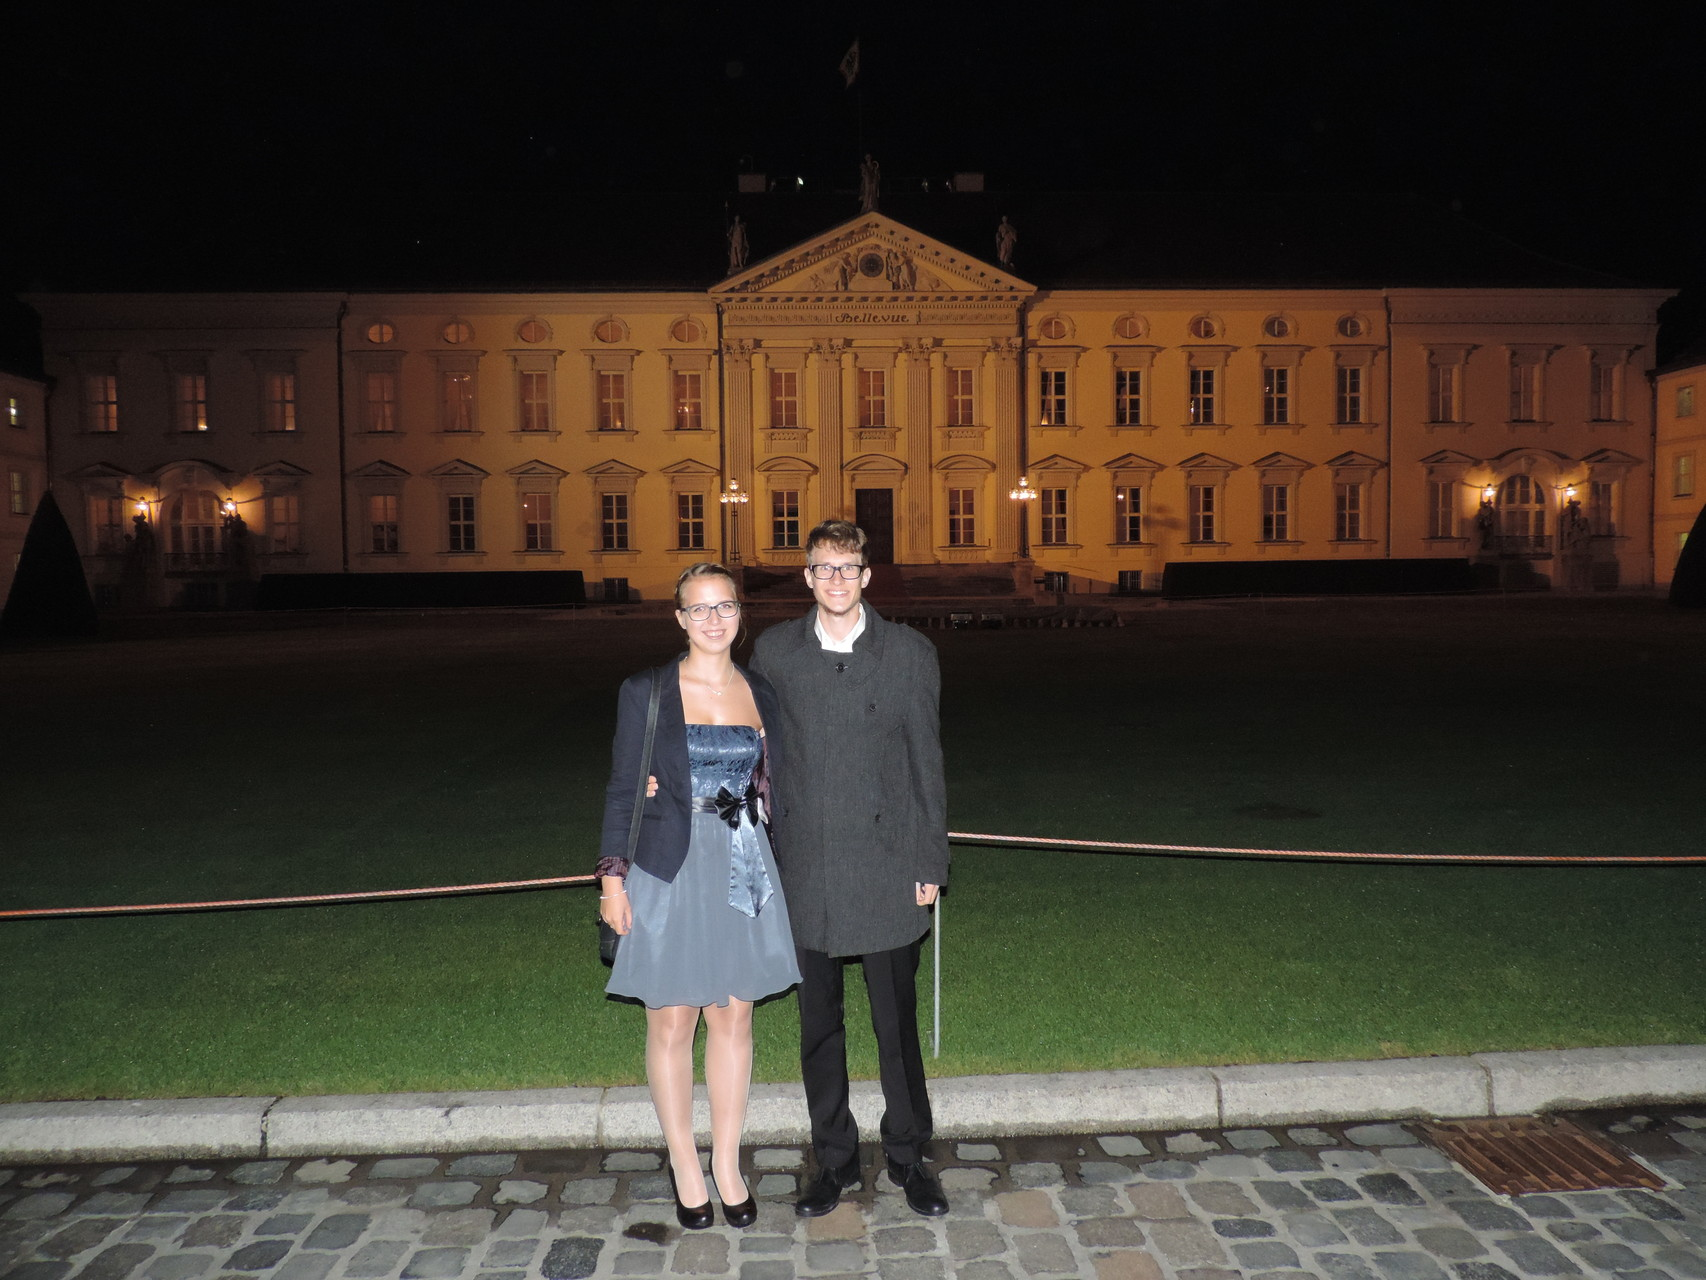 Dominik mit Begleitung Jana - im Hintergrund die Vorderseite des Schlosses